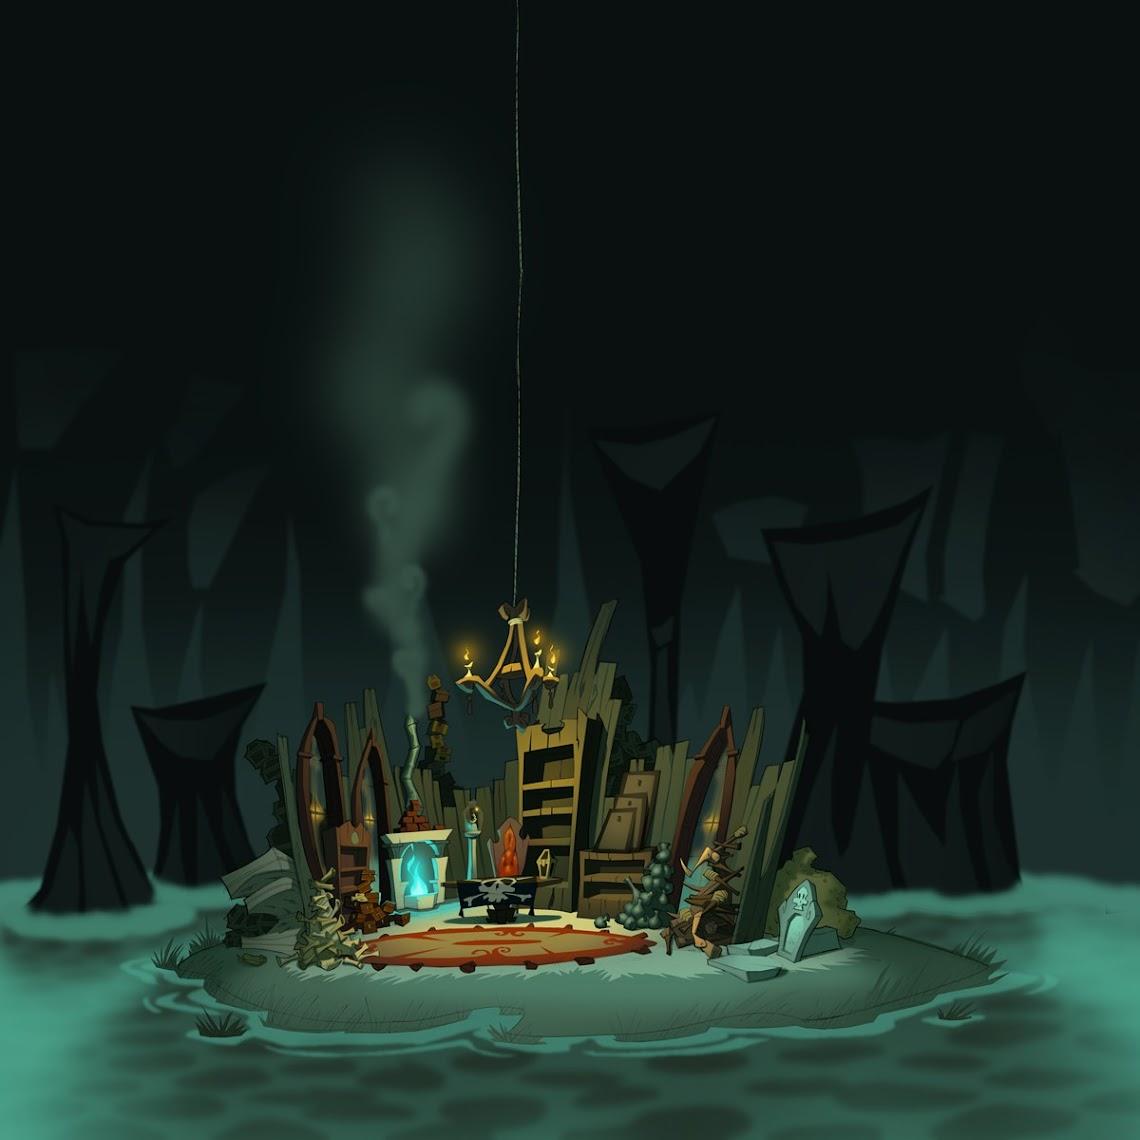 Tales of Monkey Island